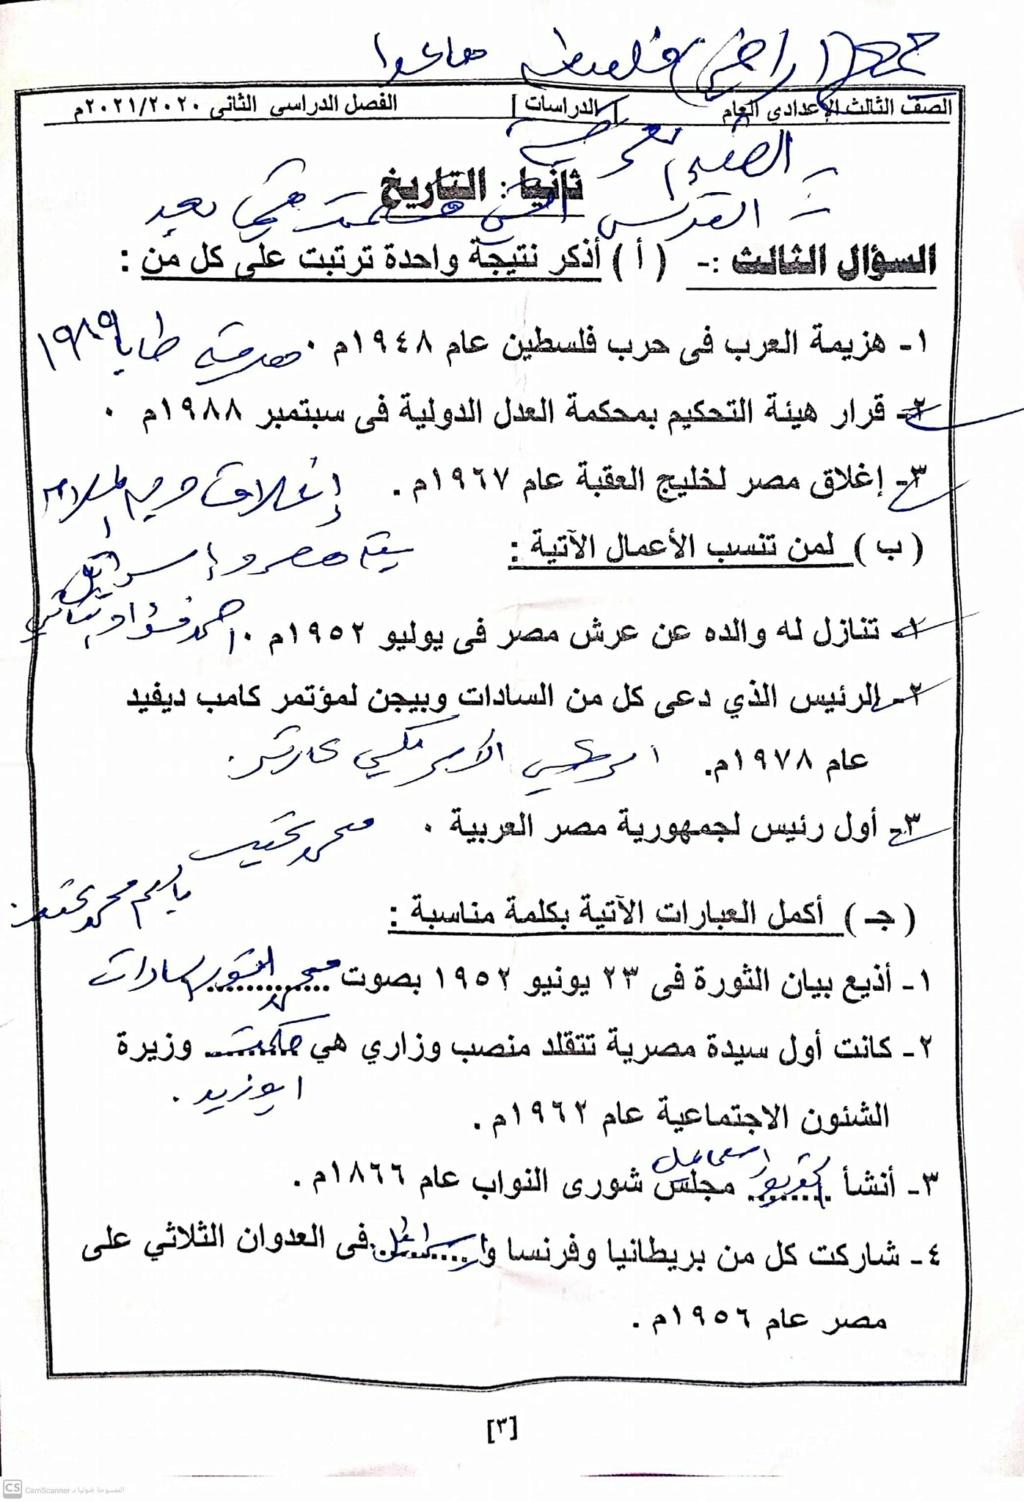 امتحان الدراسات للشهادة الإعدادية ترم ثاني ٢٠٢١ محافظة شمال سيناء 31745